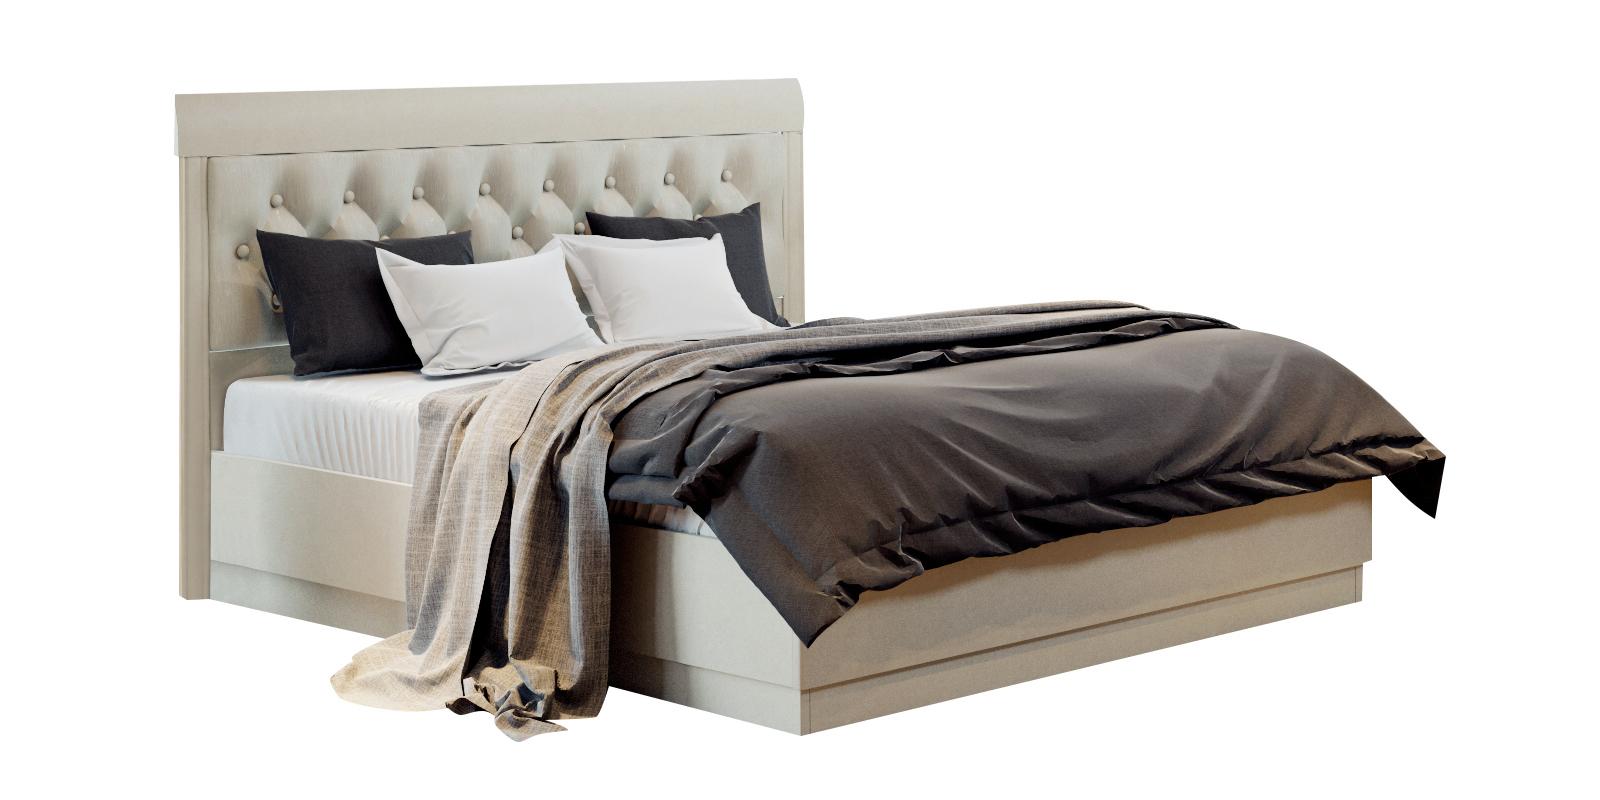 Кровать каркасная 200х160 Лацио с подъемным механизмом (бежевый)